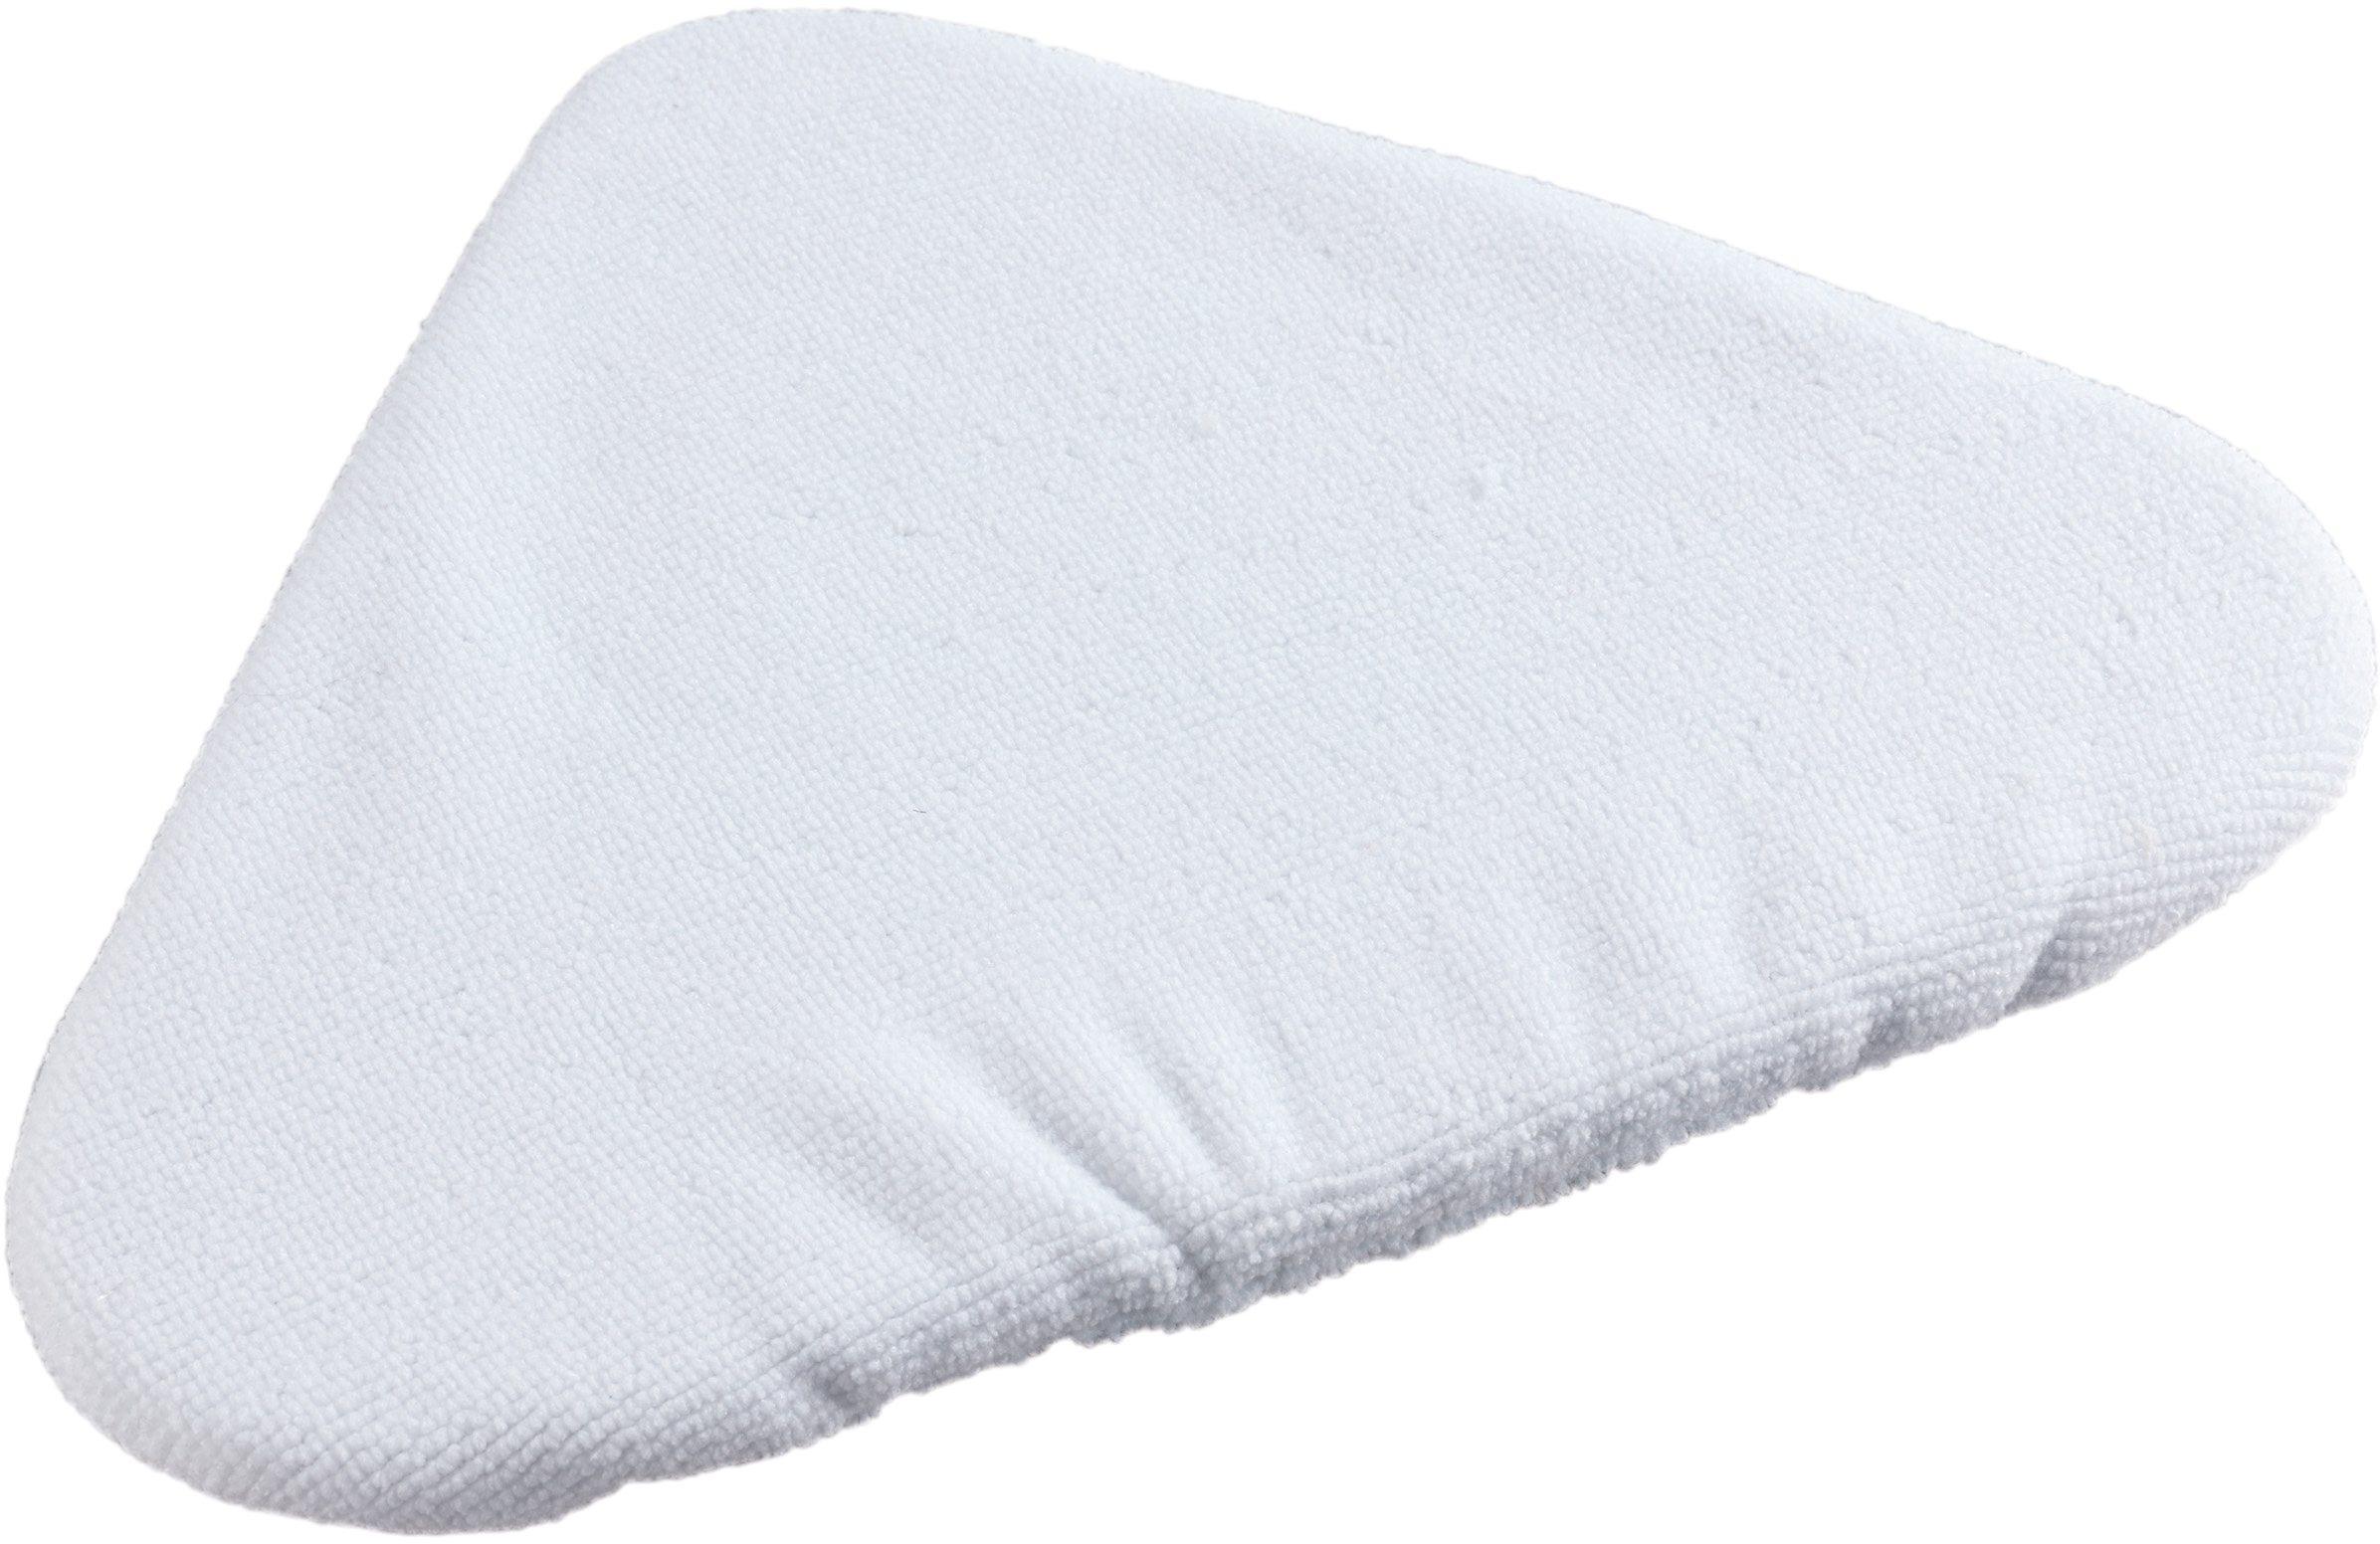 cleanmaxx Mikrofaser-Bodentücher für Dampfreiniger XXL 4er-Set | Flur & Diele > Haushaltsgeräte > Dampfreiniger | CLEANmaxx